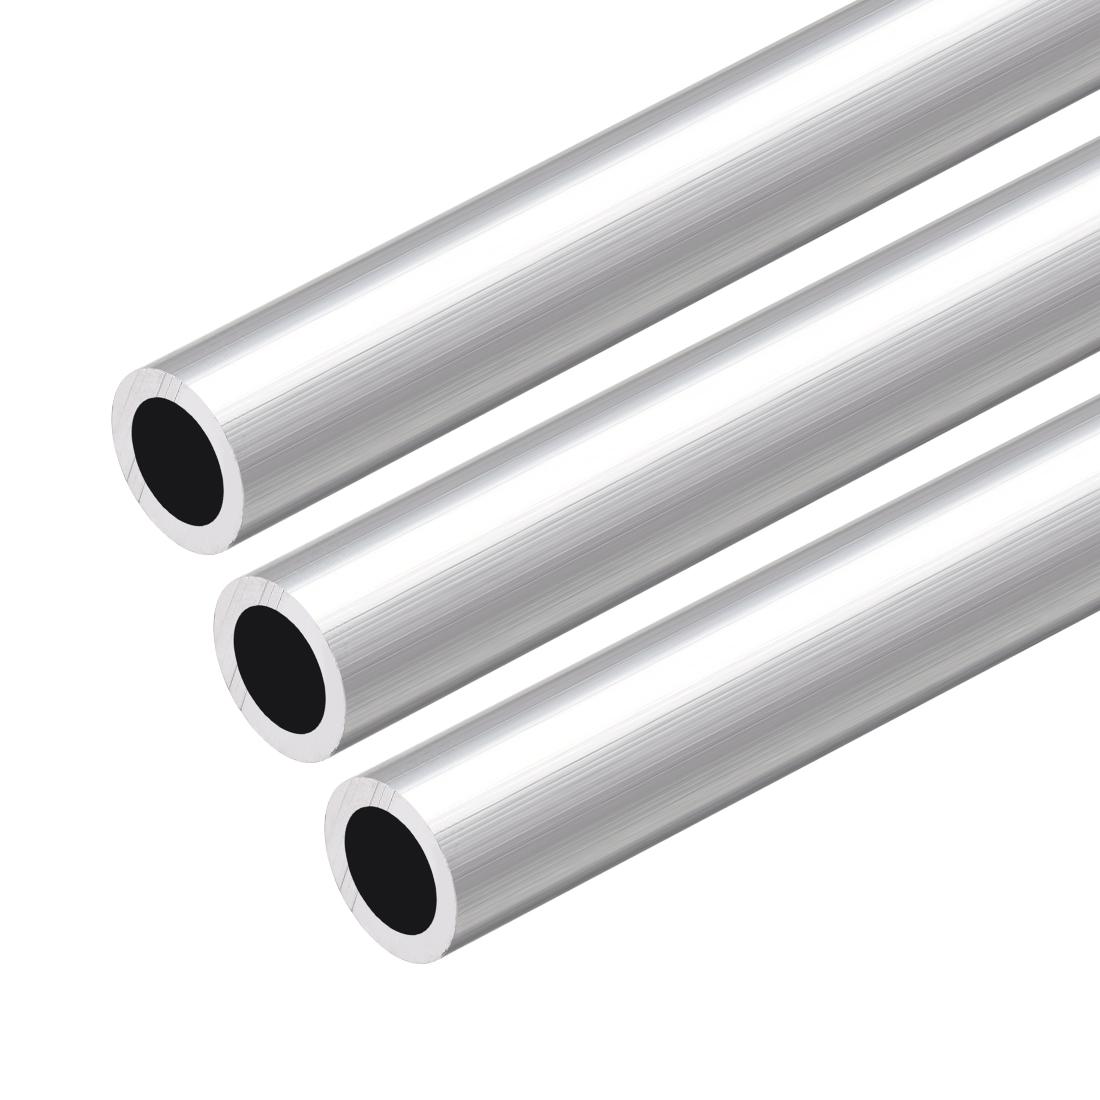 6063 Aluminum Round Tube 300mm Length 12mm OD 9mm Inner Dia Seamless Tubing 3Pcs